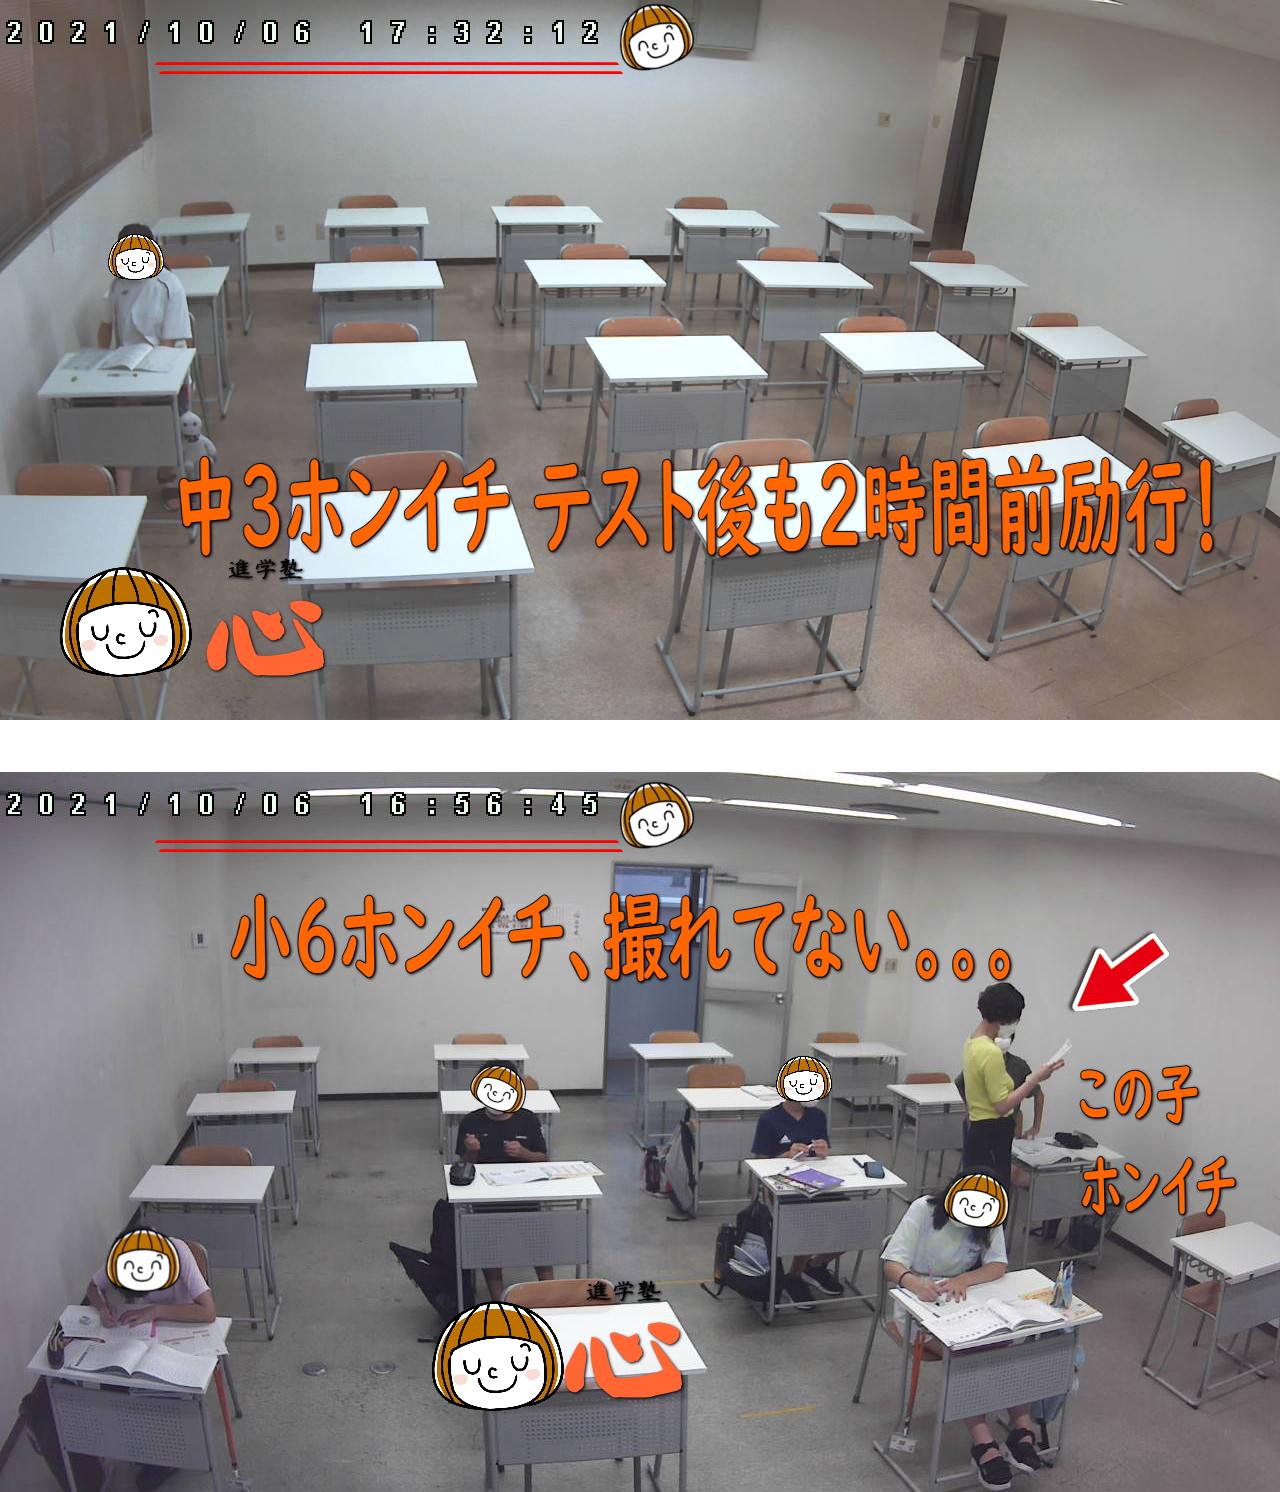 20211006自習室